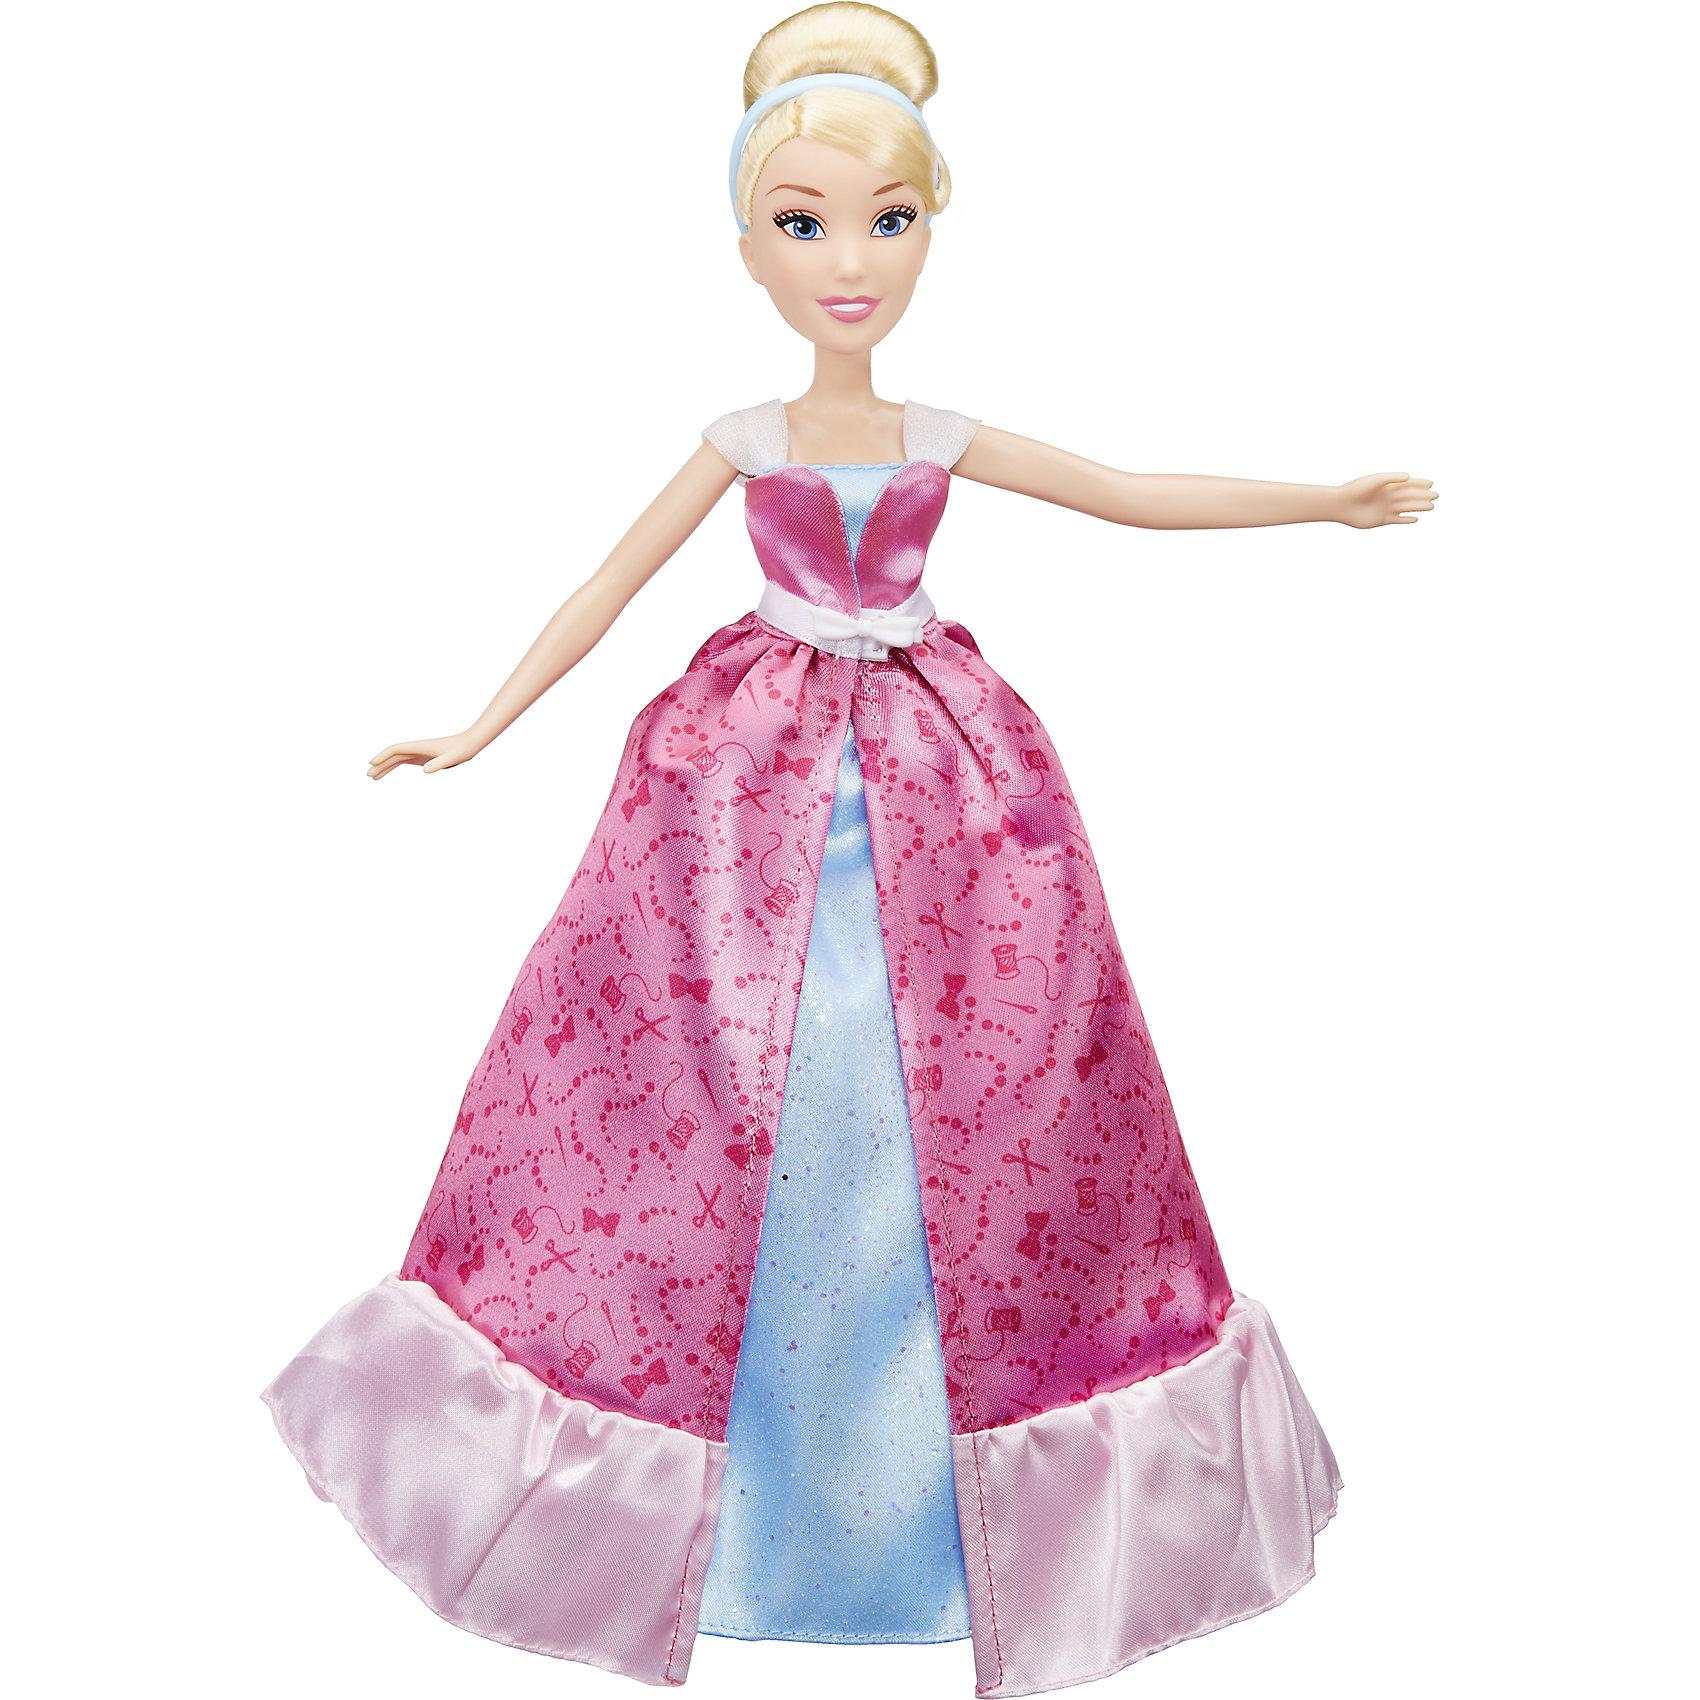 Модная кукла Золушка в роскошном платье-трансформере, Принцессы ДиснейИгрушки<br>Модная кукла Золушка в роскошном платье-трансформере, Принцессы Дисней<br><br>Характеристики:<br><br>- в набор входит: кукла, двойное платье <br>- состав: пластик, текстиль<br>- для детей в возрасте: от 3 до 10 лет<br>- Страна производитель: Китай<br><br>Прекрасная принцесса Золушка известна по мультфильмам компании Дисней. Эта кукла изготовлена по лицензии правообладателя известным американским производителем товаров для детей Hasbro (Хасбро). Кукла с большими и выразительными глазами и белоснежной улыбкой выглядит просто великолепно. Ее пышные пшеничные волосы прошиты по всей голове и уложены в элегантную прическу. Она одета в розовое платье с рисунками ножниц, ниток и бусин-пуговичек, платье украшено белым поясом с бантиком. Если снять верхнюю часть платья, то Золушка предстанет в ее бальном наряде небесно-голубого цвета. Сияющее платье ей очень идет и выглядит совсем как в мульфильме.<br><br>Кукла может поворачивать голову, расставлять в разные стороны руки и поворачивать их в плечах, также может поворачивать ногами в бедрах. Отправьтесь на встречу приключениям вместе с принцессой Золушкой. Игры с куклами развивают социальные навыки, развивают воображение и творческие способности. <br><br>Модную куклу Золушка в роскошном платье-трансформере, Принцессы Дисней можно купить в нашем интернет-магазине.<br><br>Ширина мм: 250<br>Глубина мм: 60<br>Высота мм: 320<br>Вес г: 500<br>Возраст от месяцев: 36<br>Возраст до месяцев: 84<br>Пол: Женский<br>Возраст: Детский<br>SKU: 5225702